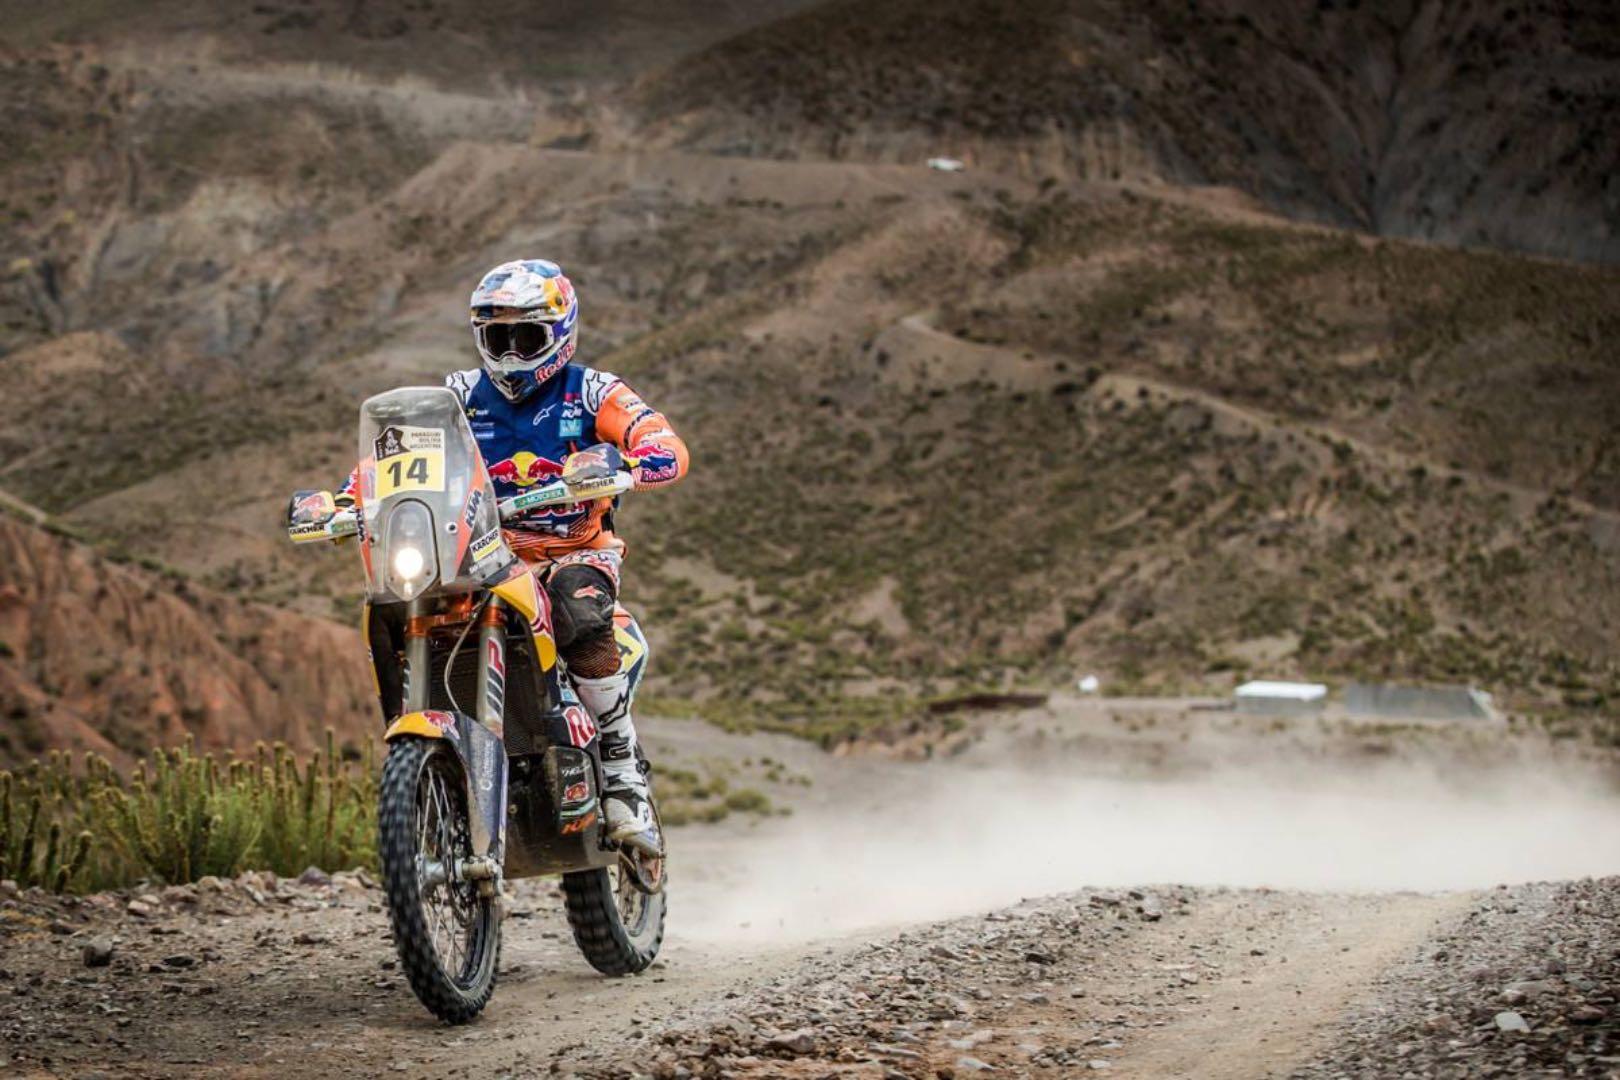 KTM's Sam Sunderland the overall leader of 2017 Dakar Rally